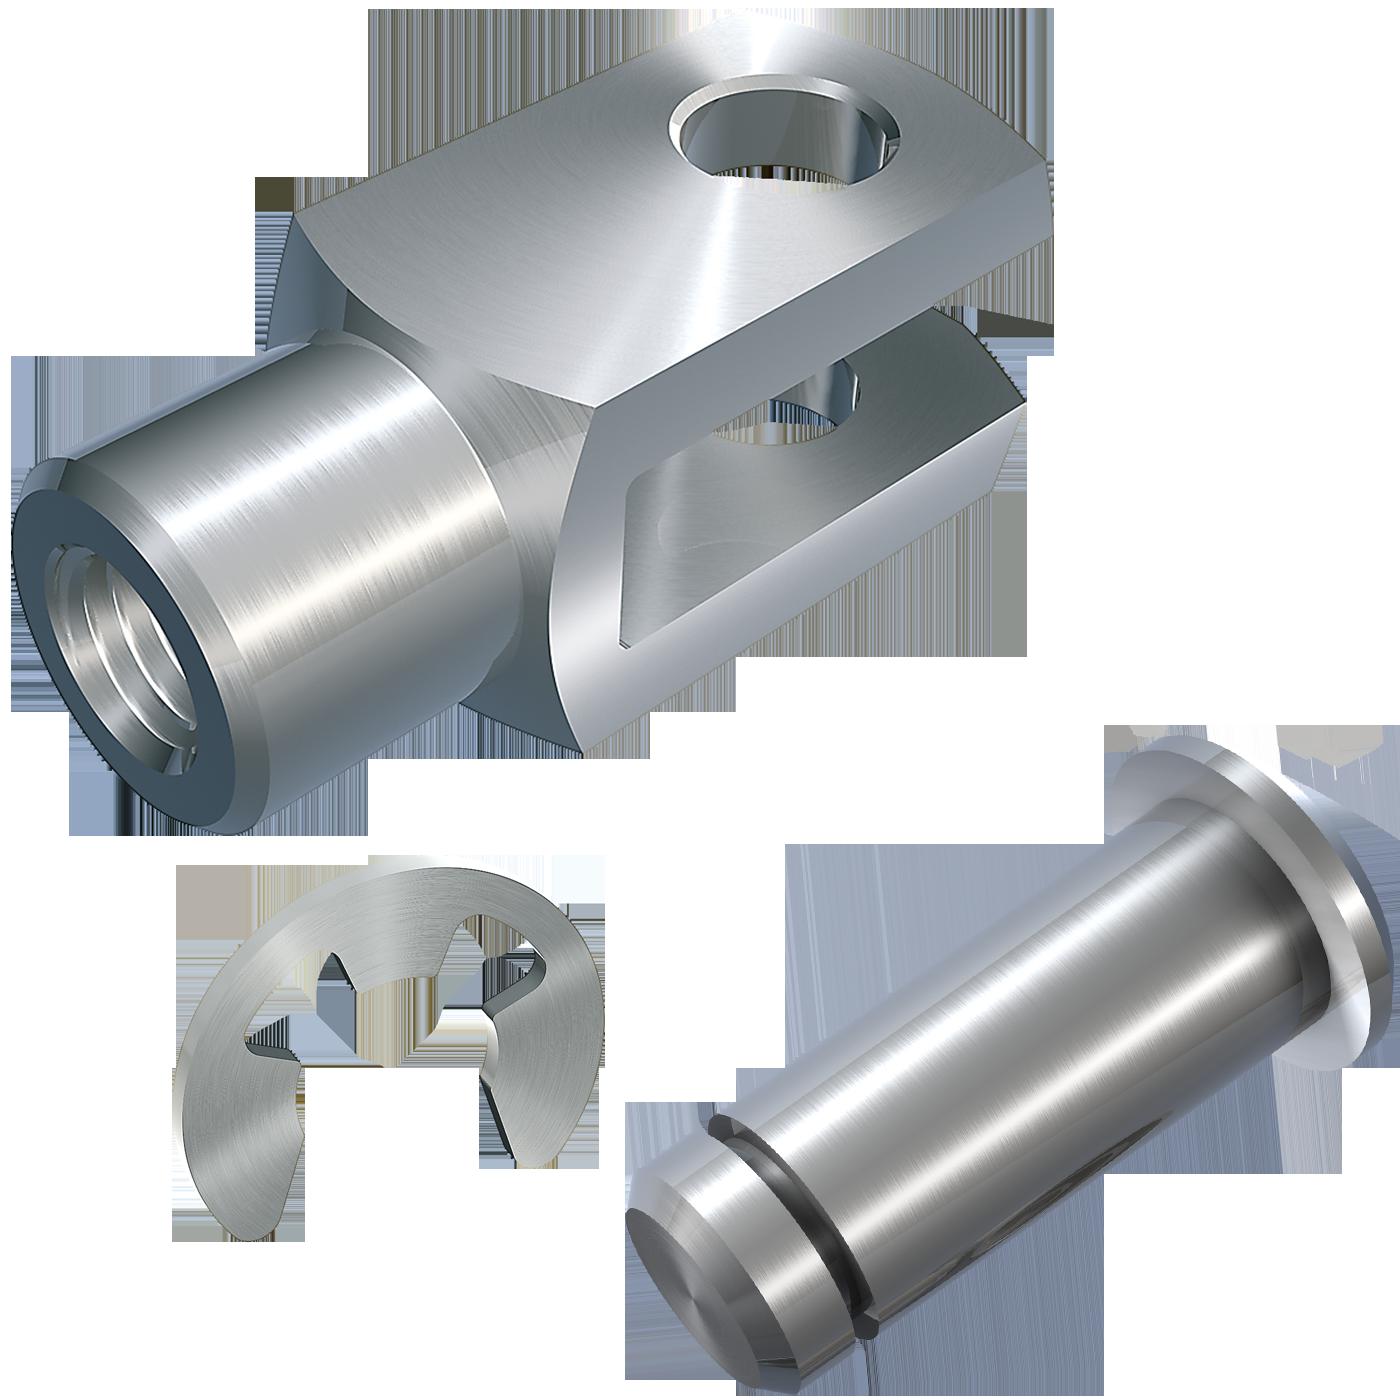 mbo Oßwald ist Hersteller von Gabelgelenk, Gabelgelenken mbo-Norm ABS, lose, bestehend aus Gabelkopf, Gabelköpfe, Gabelkoepfe, nach DIN 71752, DIN ISO 8140, CETOP RP102P und Bolzen mit Einstich und Sicherungsscheibe nach DIN 6799. Wir fertigen diese aus Stahl 1.0718 und Edelstahl 1.4305 und A4-Qualität 1.4404.